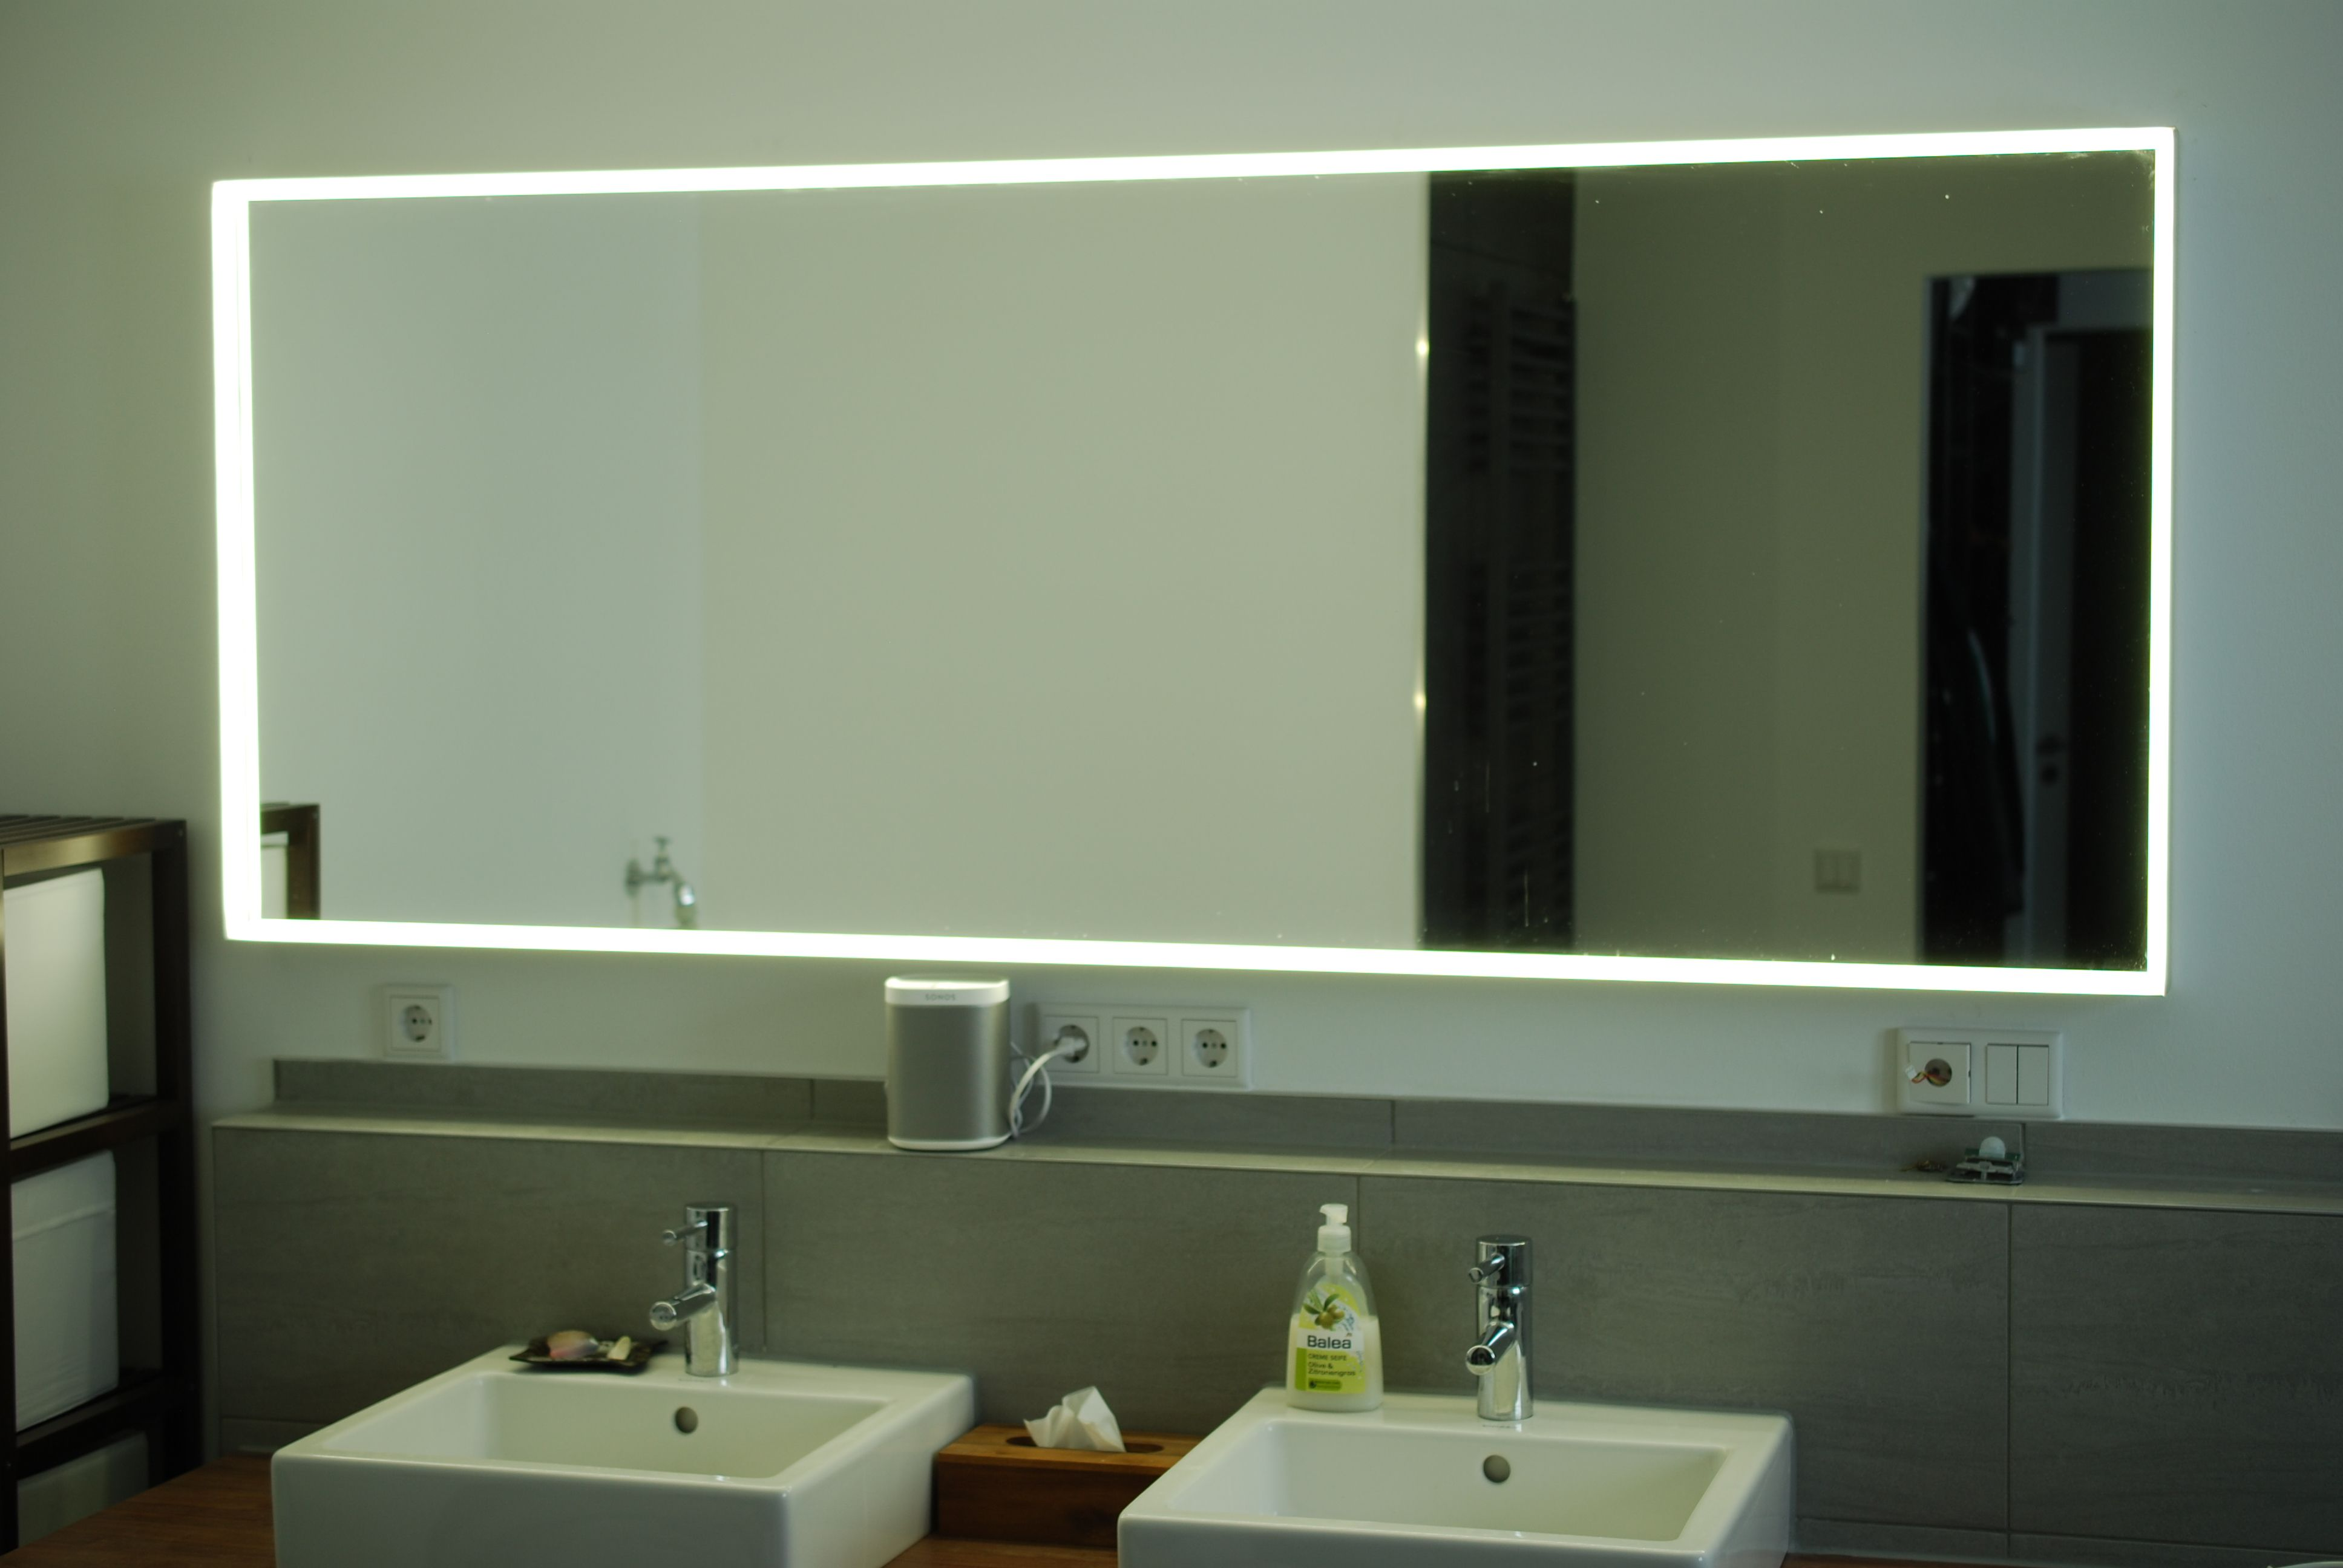 Ikea Hack Bad Spiegel Mit Led Beleuchtung Bw Baublog Led Spiegel Badezimmer Design Badgestaltung